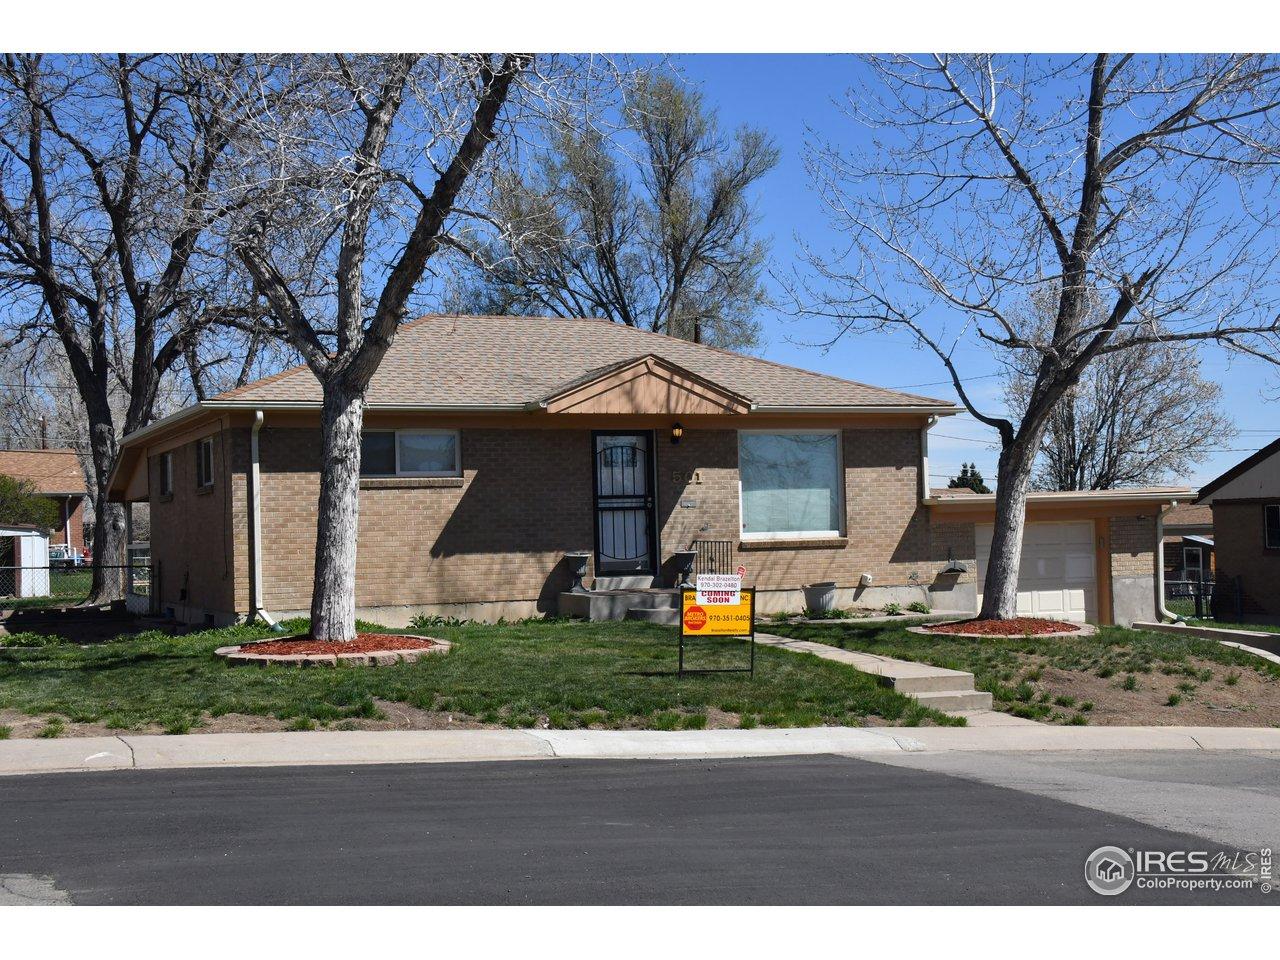 501 W 71st Ave, Denver CO 80221